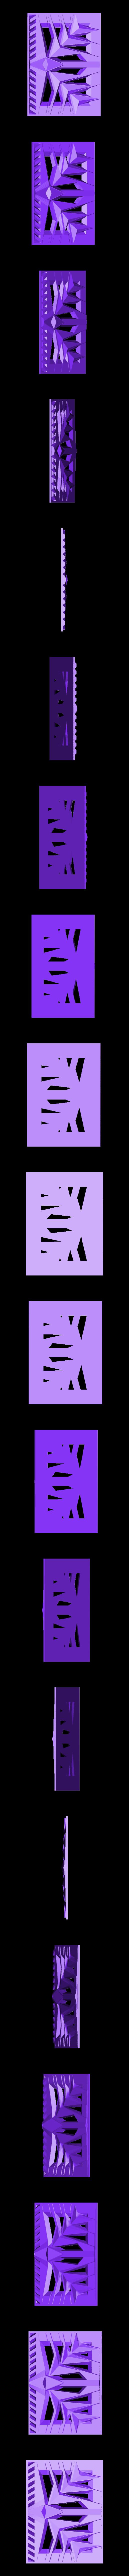 arizona_biltmore_tile.stl Download free STL file Arizona Biltmore Tile • 3D printer object, KeenanFinucan